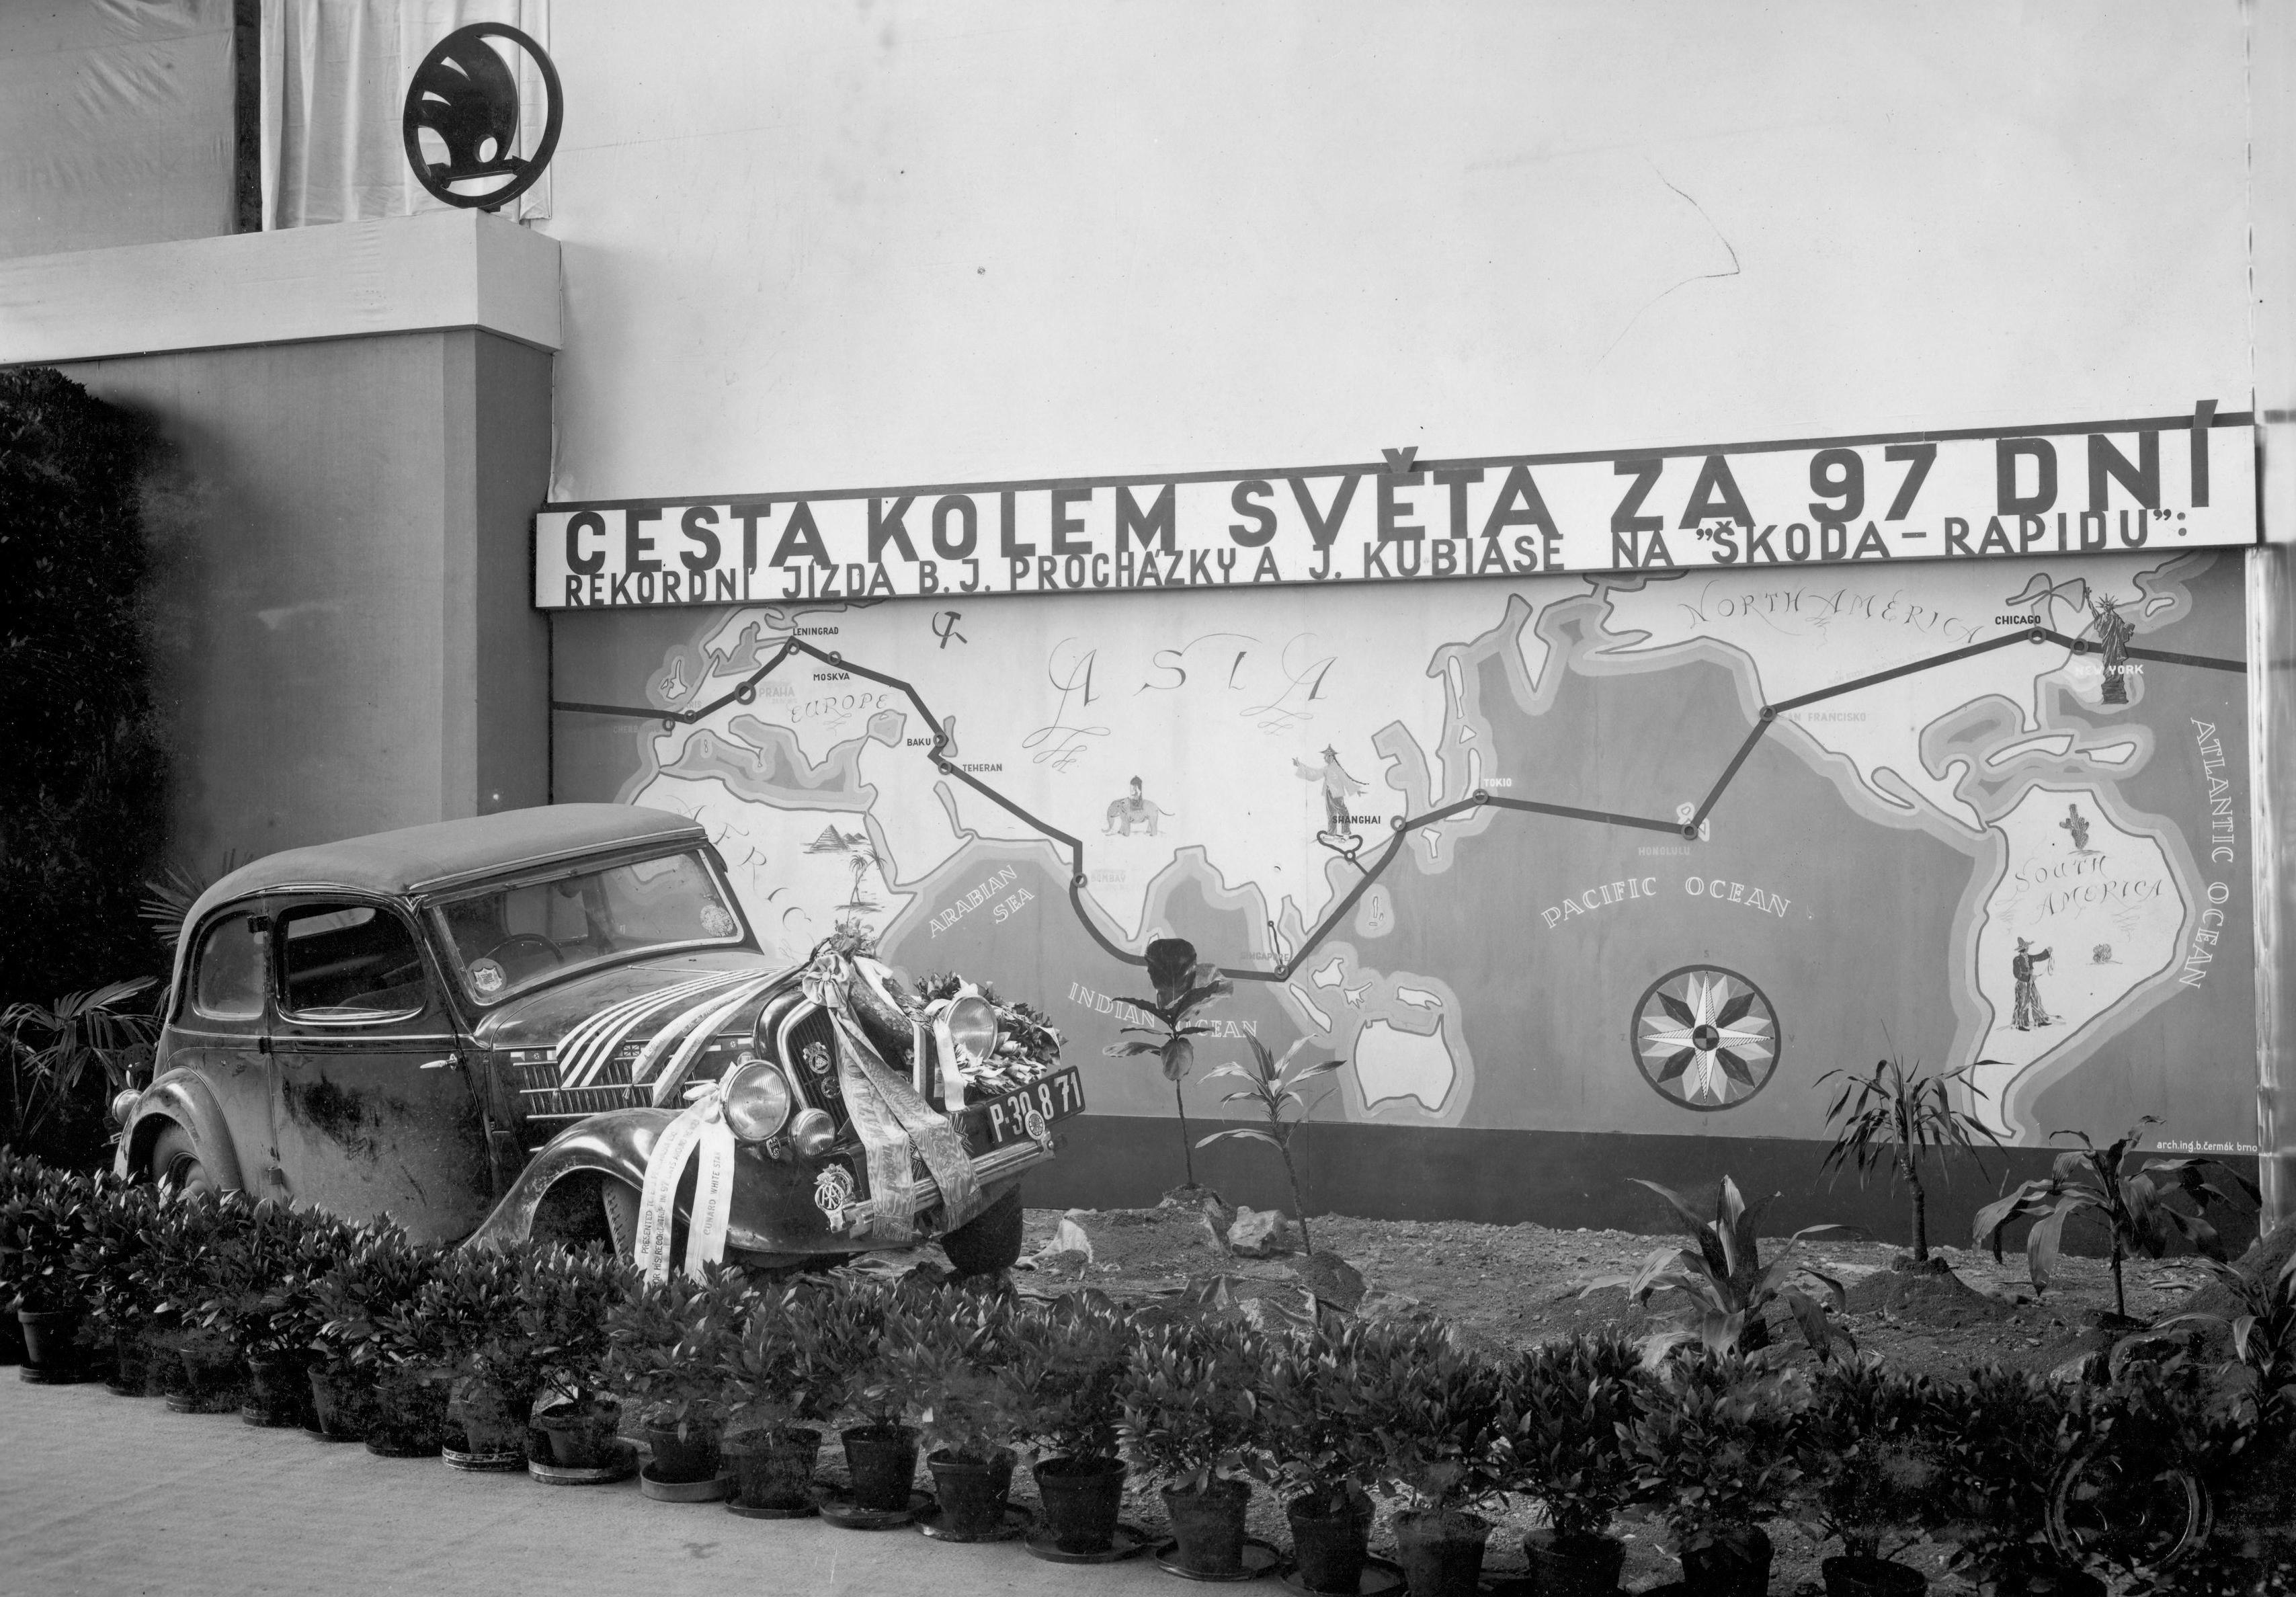 1936_Kolem_sveta_02-1